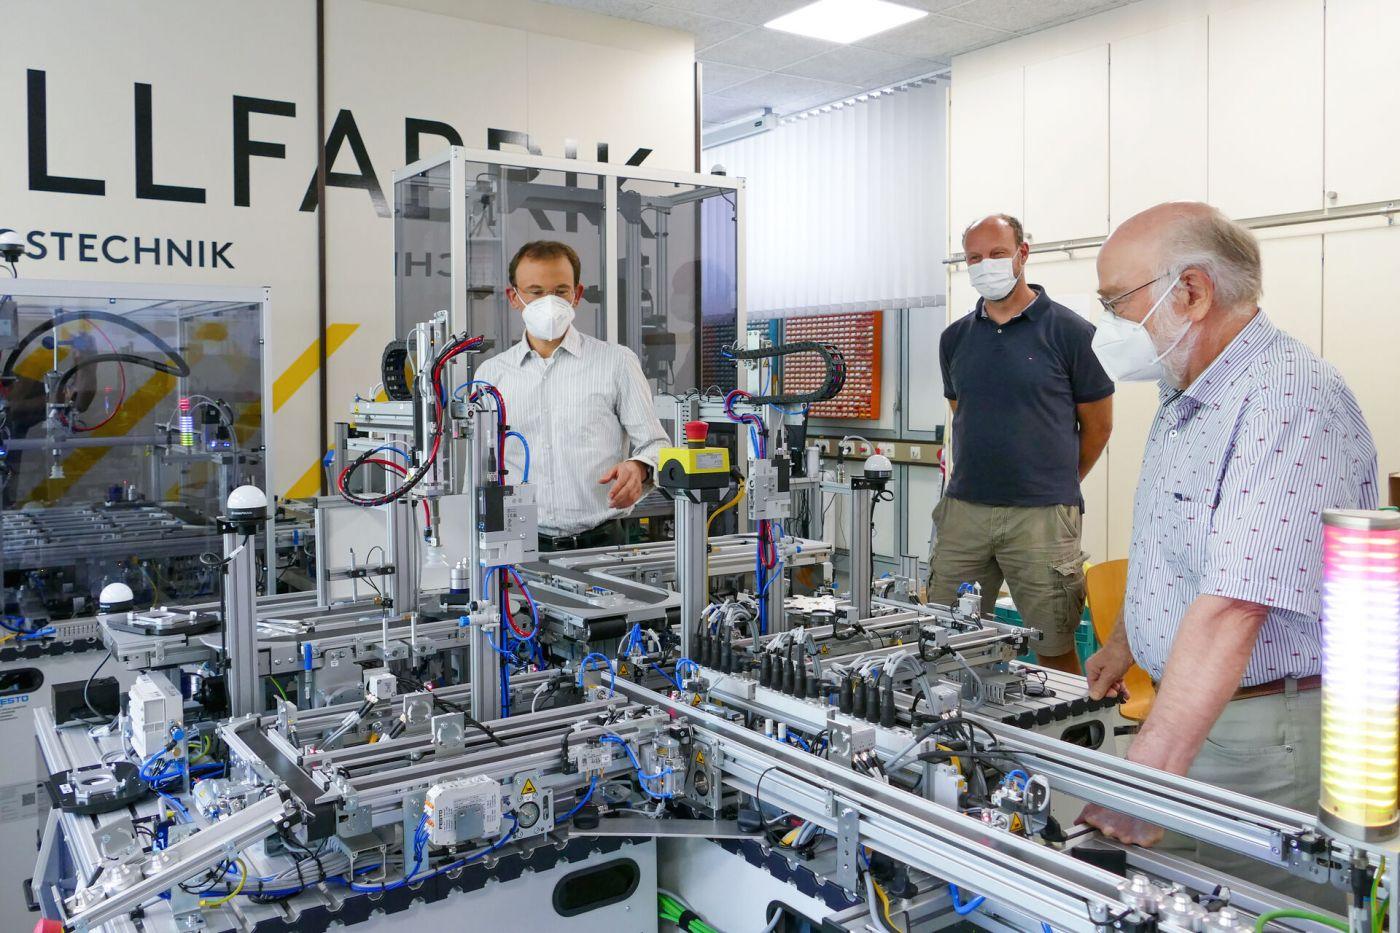 Prof. Dr. Falk Saleweski zeigt Prof. Dr. Rainer Schmidt die neue Modellfabrik. Zwischen ihnen steht Hendrik Kösters. (Foto: FH Münster/Jana Schiller)